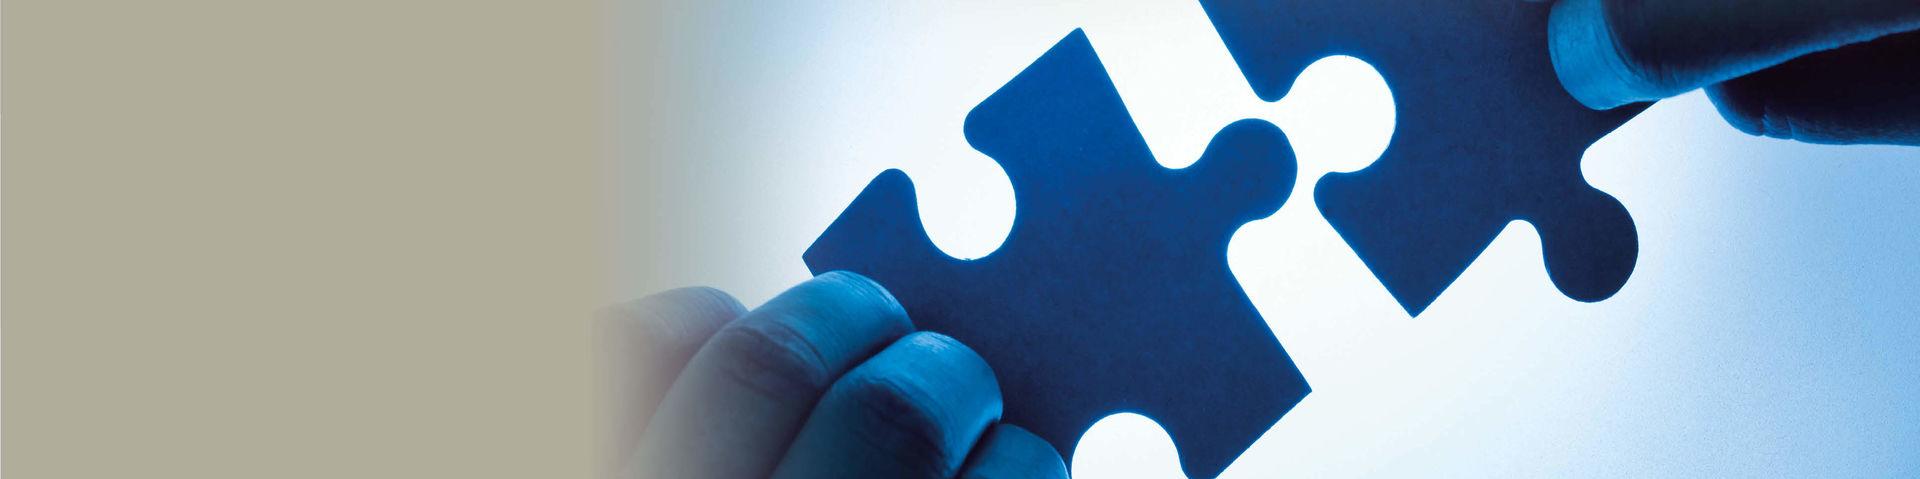 Forschung und Transfer greifen wie Puzzleteile ineinander